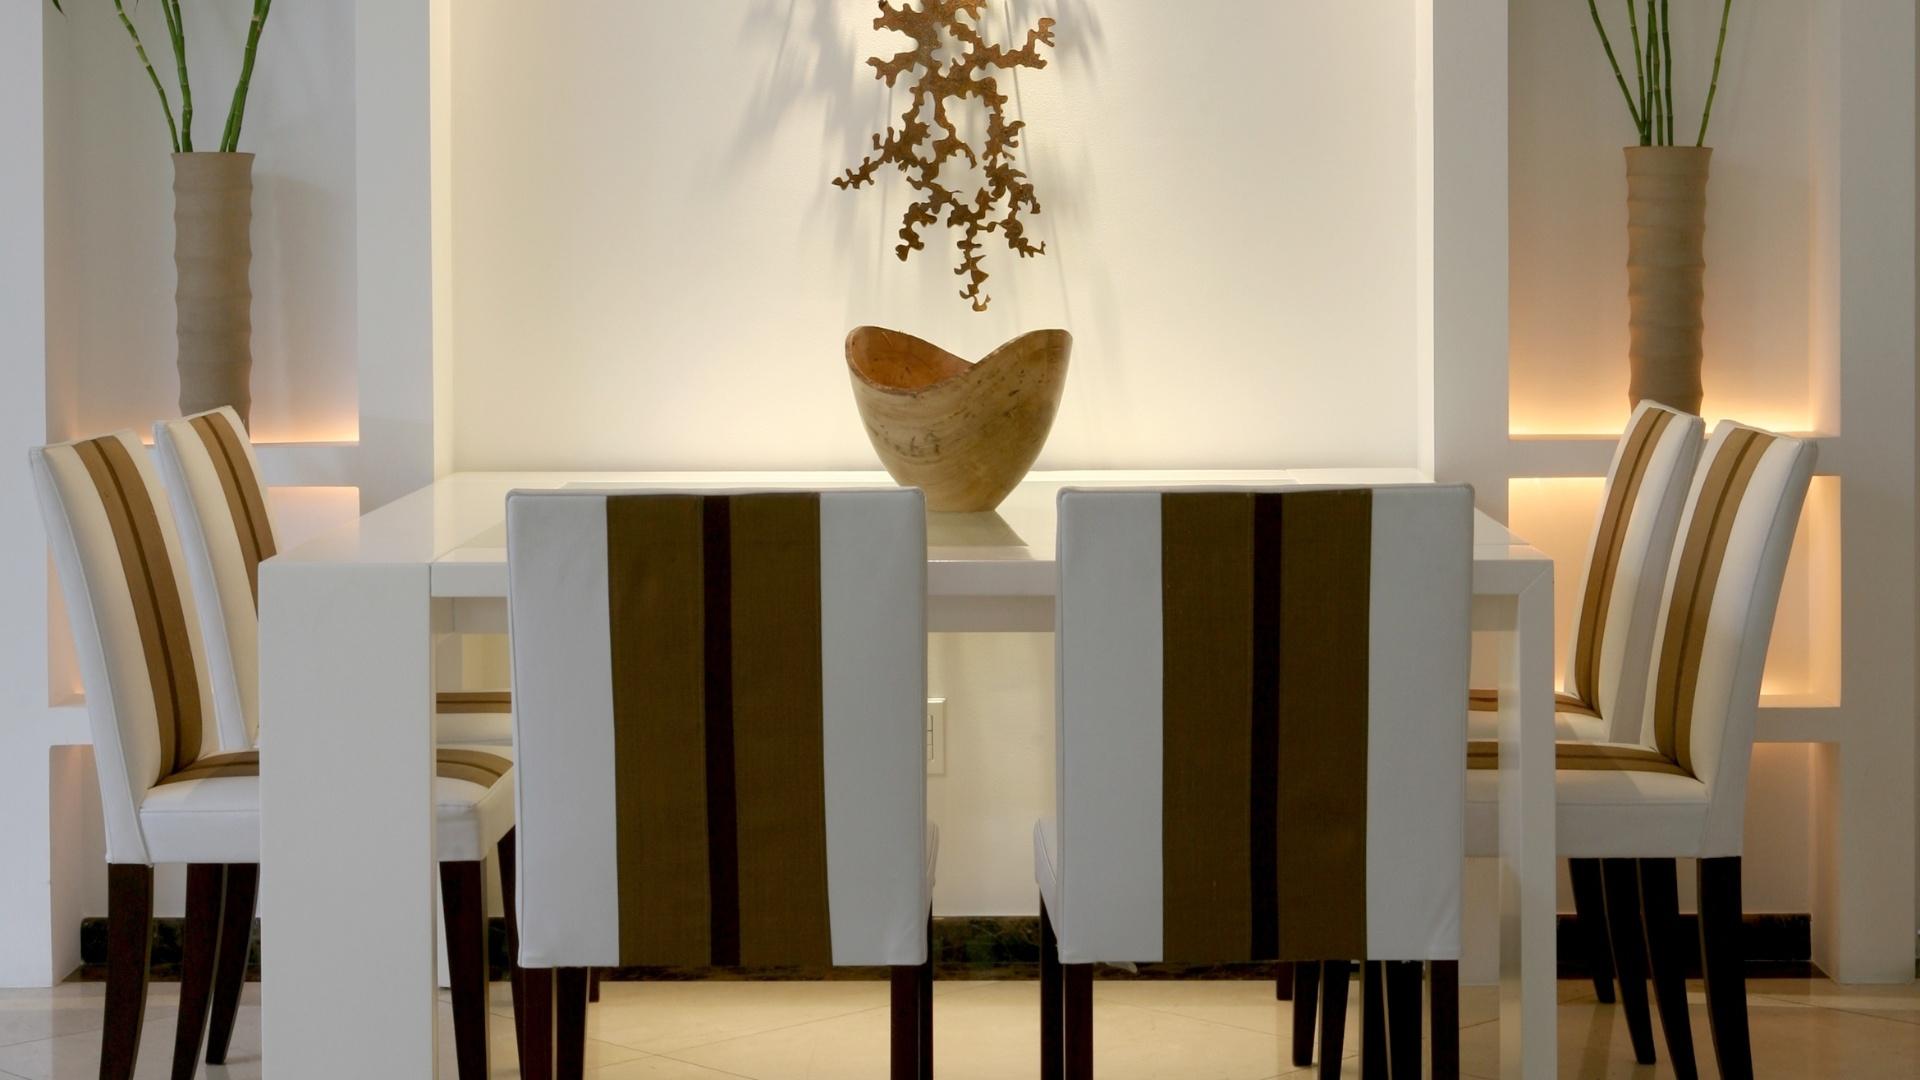 Jogo Sala De Jantar Completo ~  BARRA RIO IN FOCUS Salas de jantar ideias para decorar o ambiente